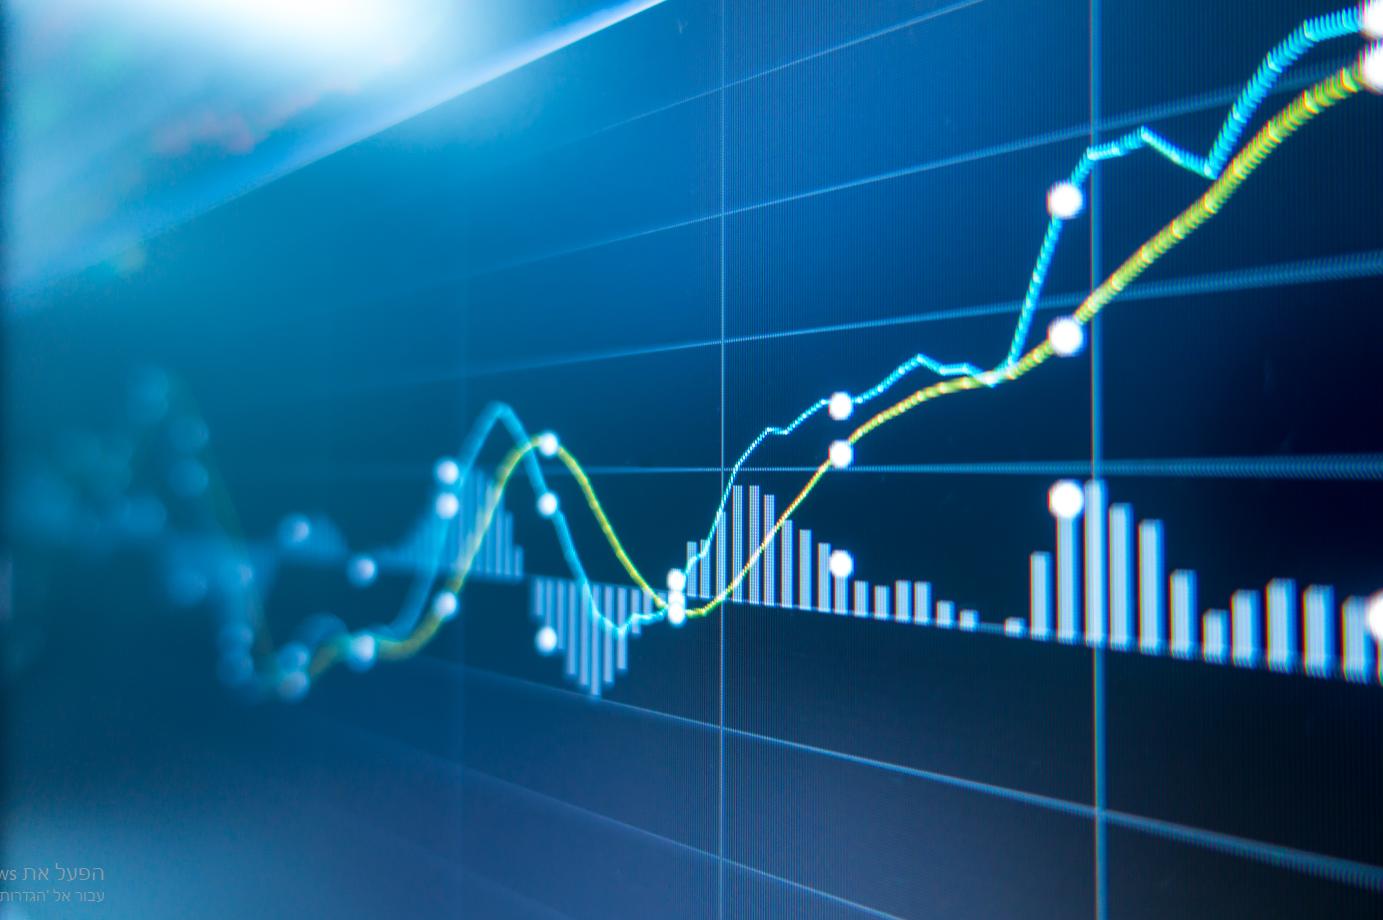 החברה לפיתוח כלכלה מקומית מודיעה על הרחבת פעילותה בתחום הרשויות המקומיות. צילום: Shutterstock